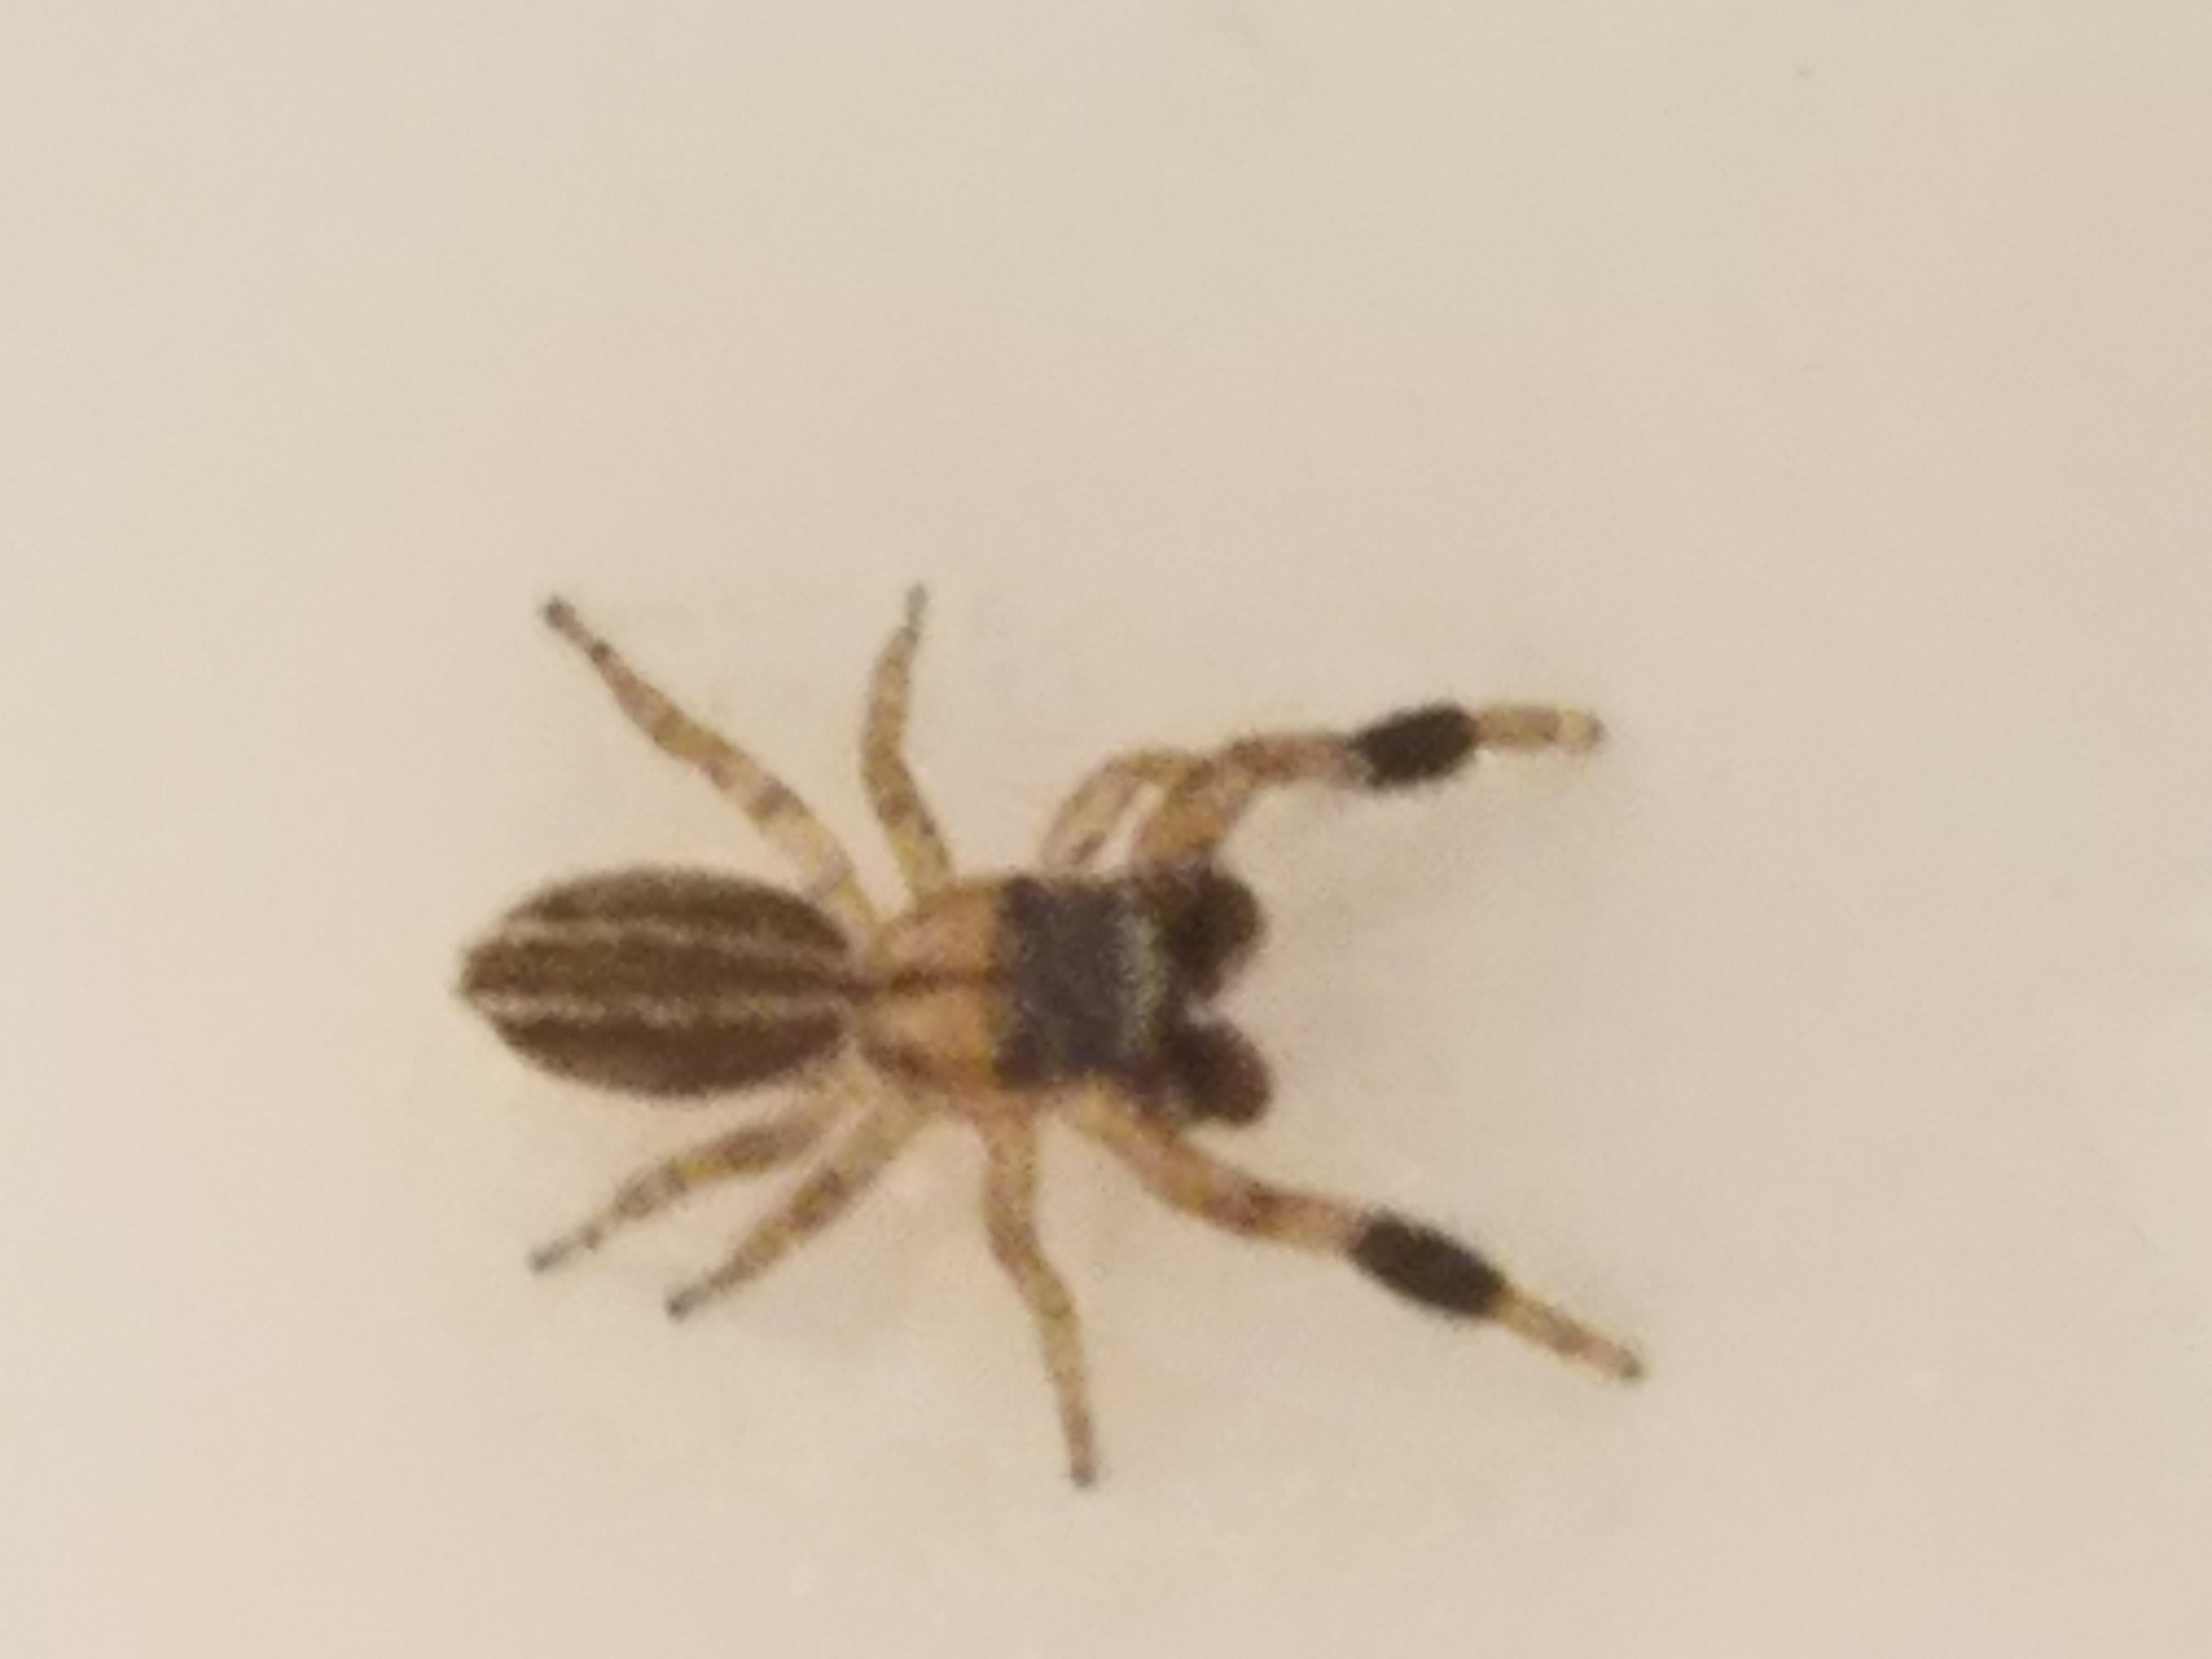 Picture of Marpissa lineata - Male - Dorsal